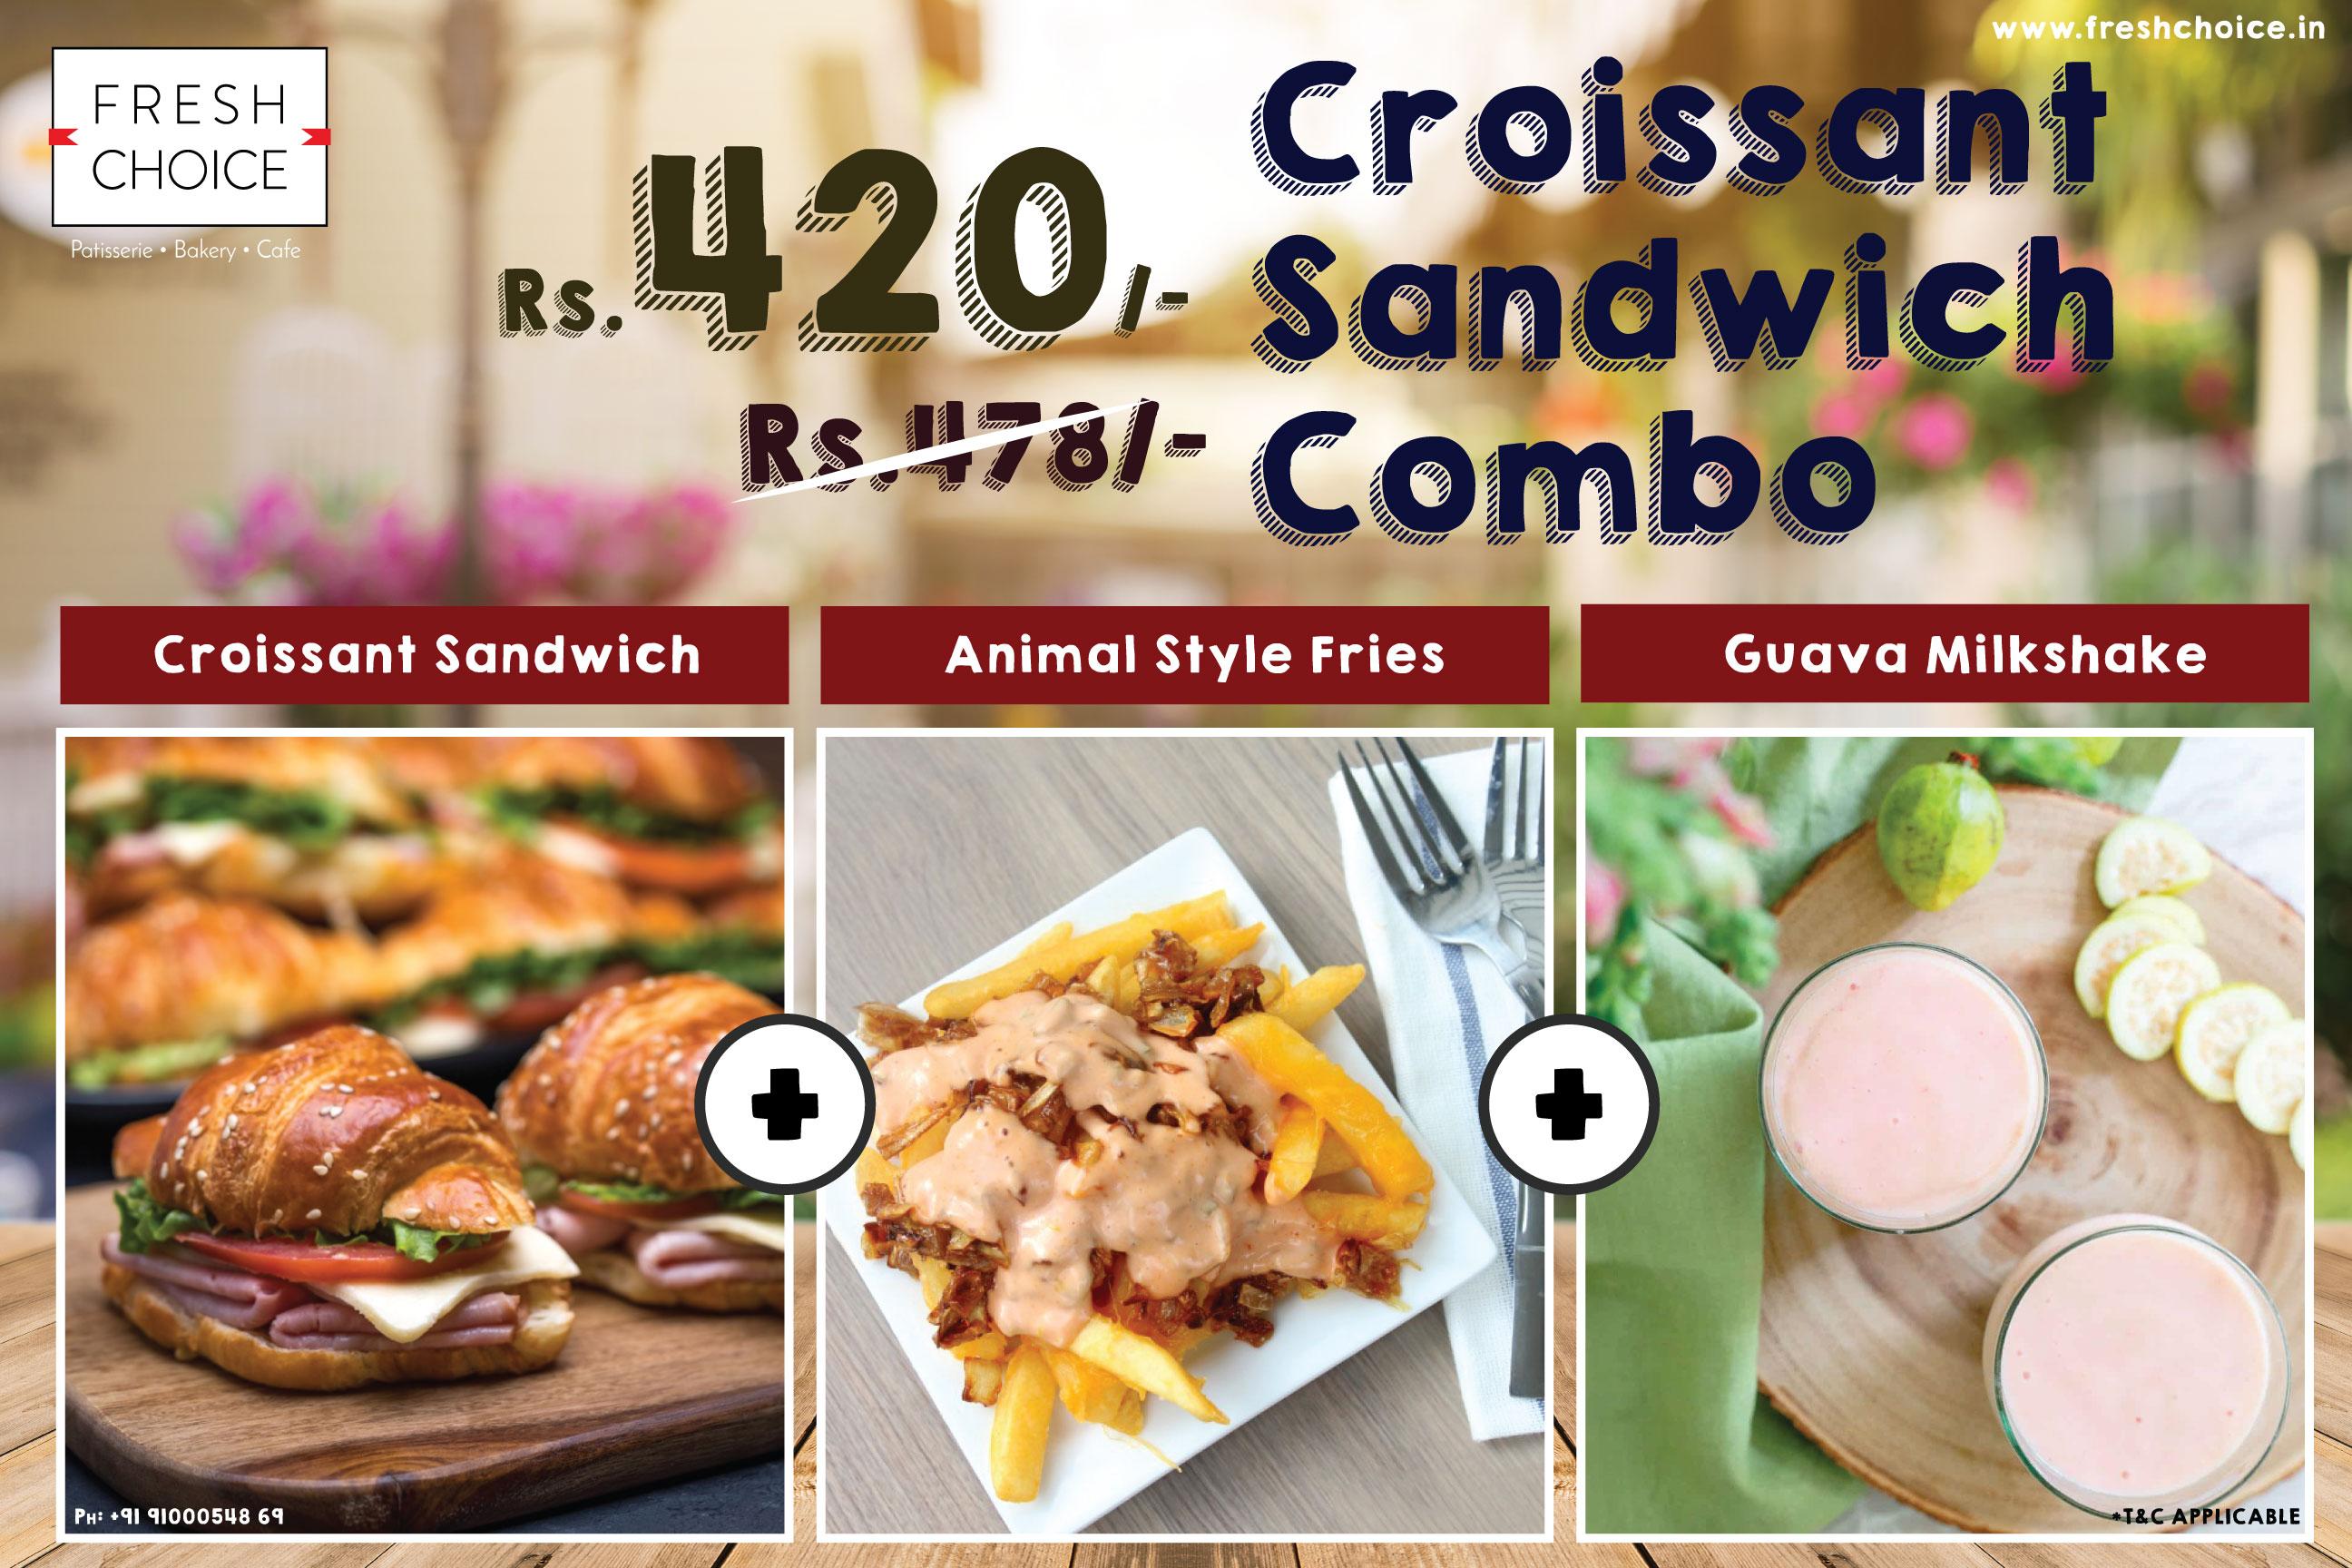 Croissant-Sandwich-Combo